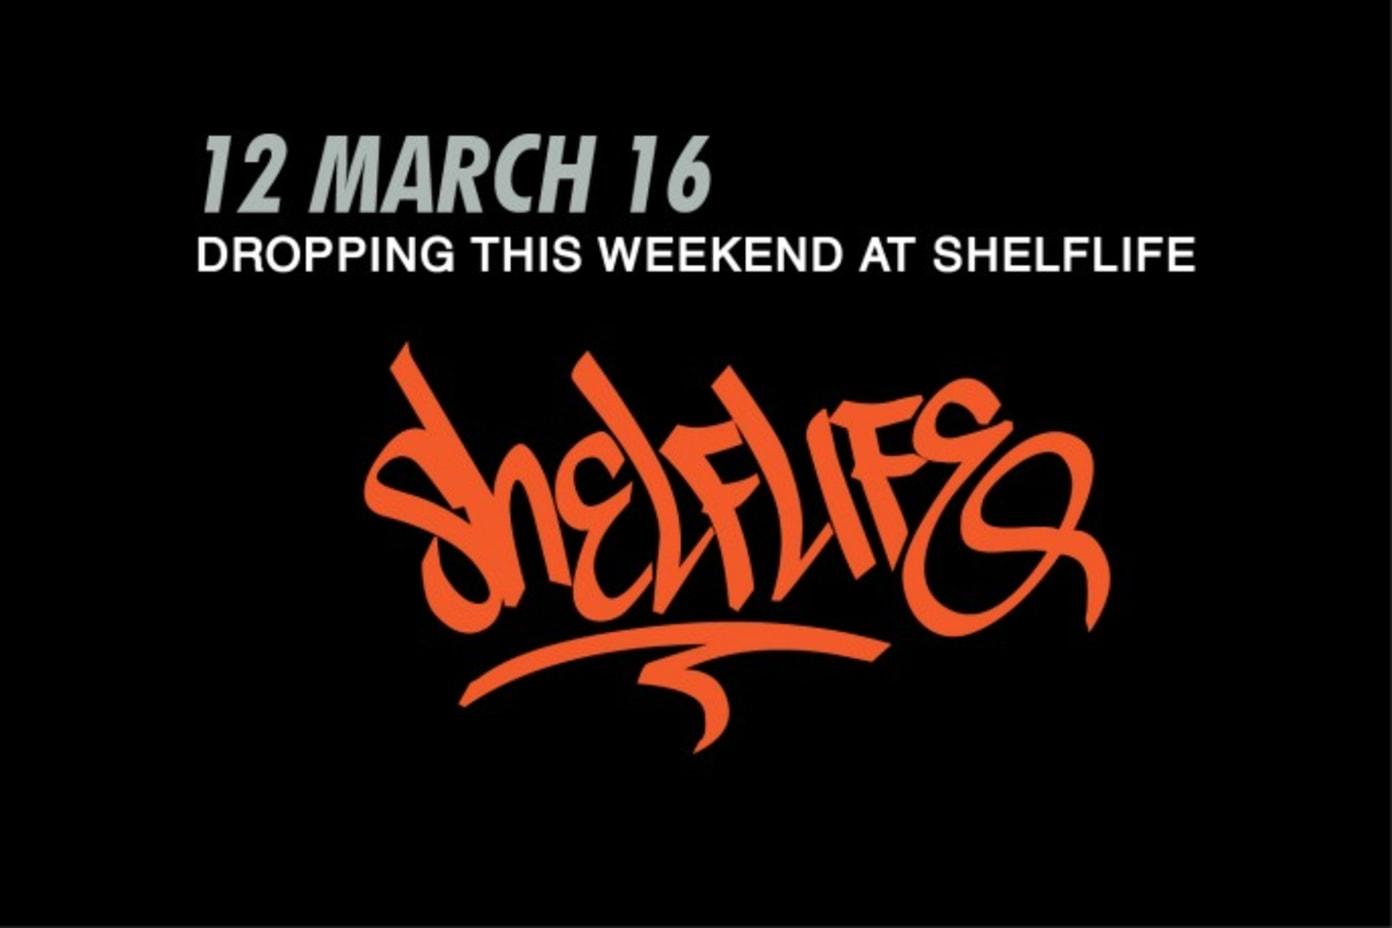 SHELFLIFE: Releasing this weekend